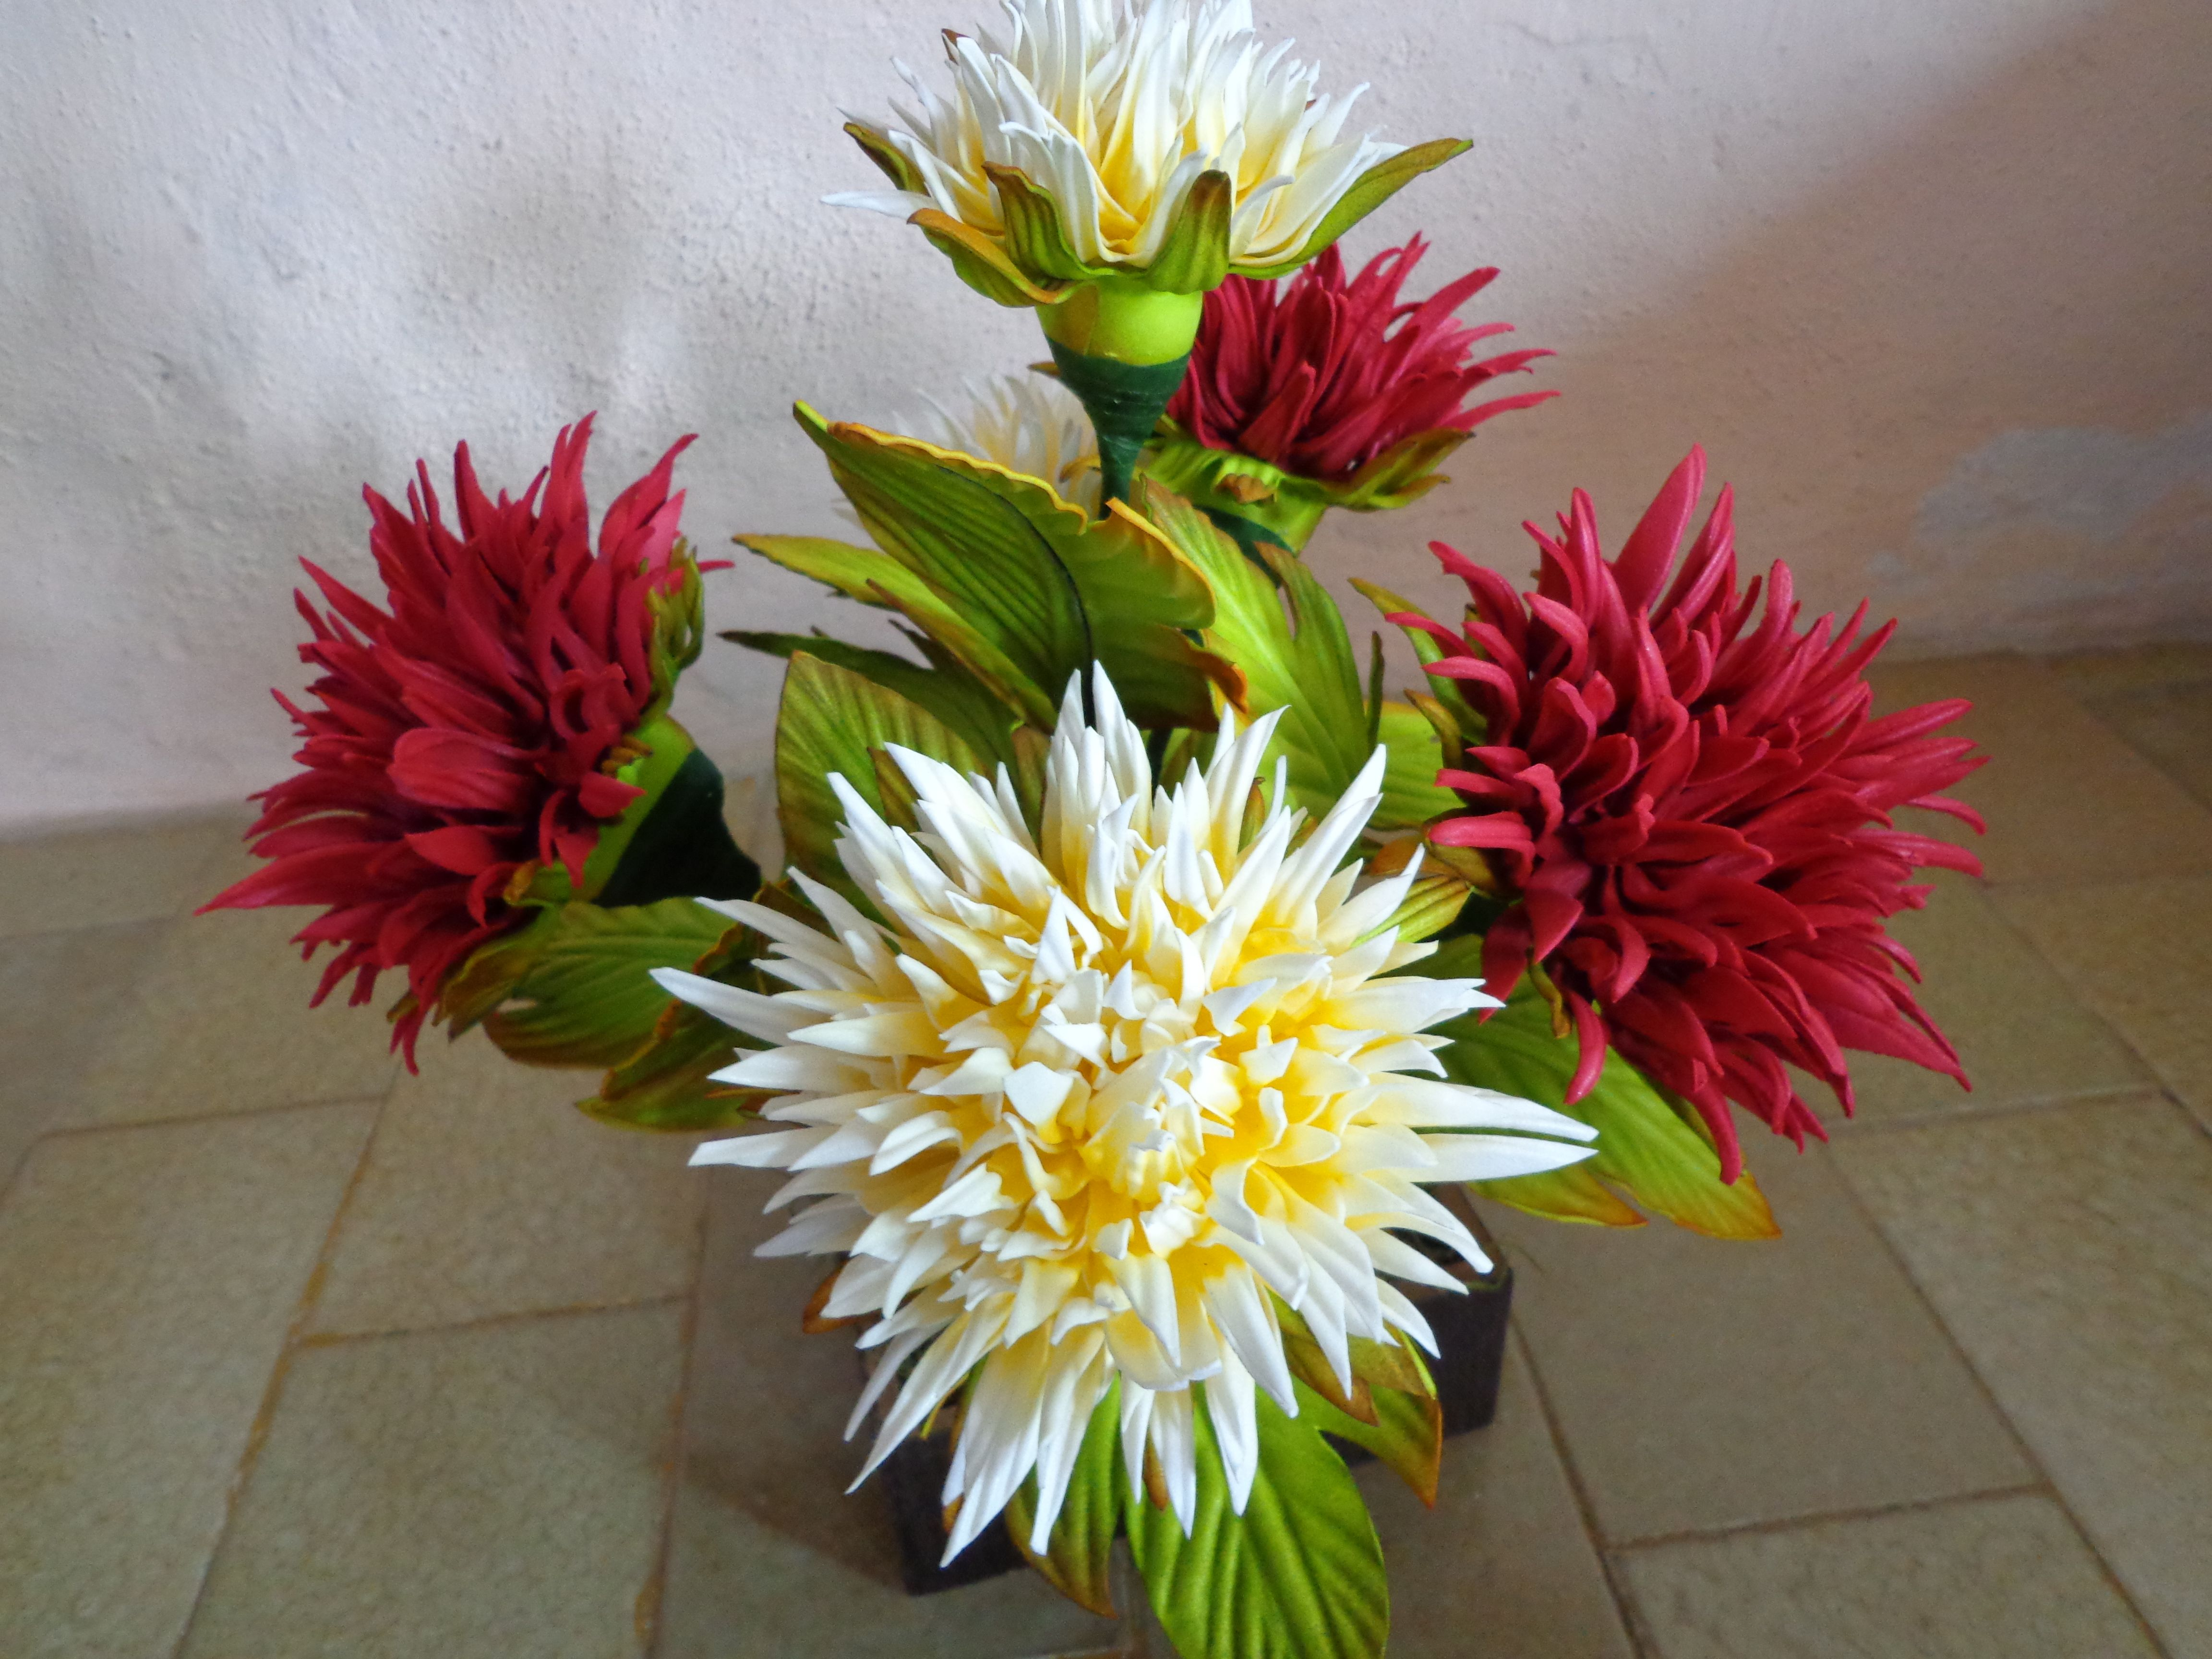 Arranjo De Crisantemo Em Eva Arranjos De Flores Flores Em Eva